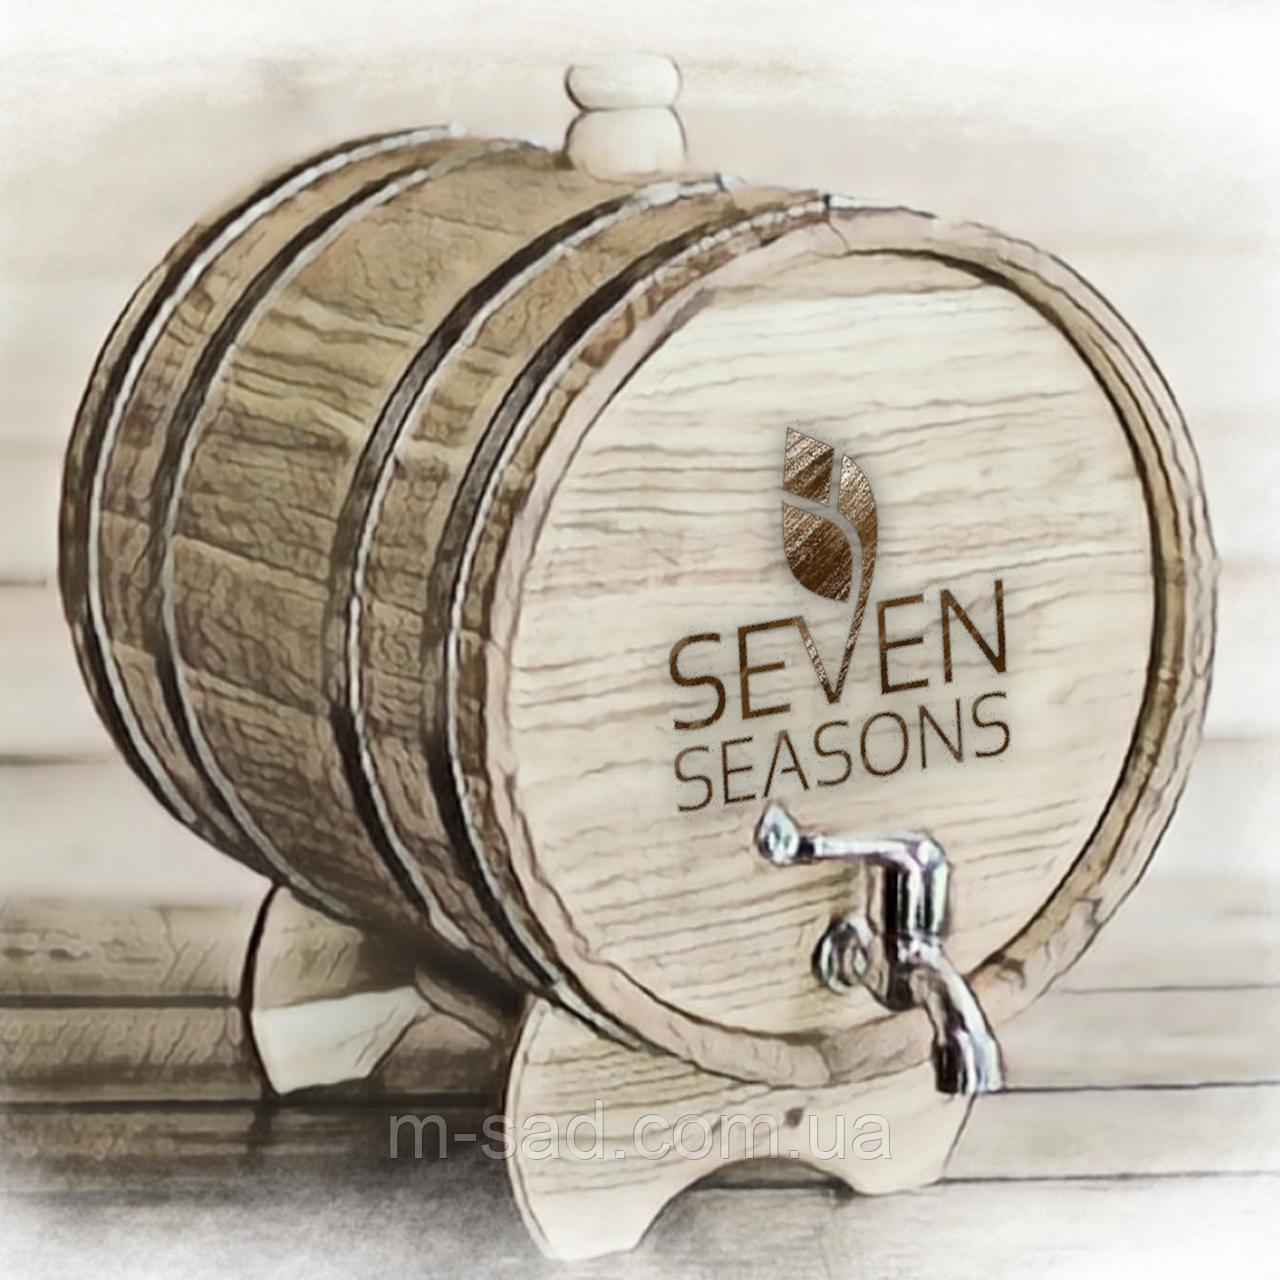 Бочка дубовая (жбан) для напитков Seven Seasons™, 100 литров, Пластик